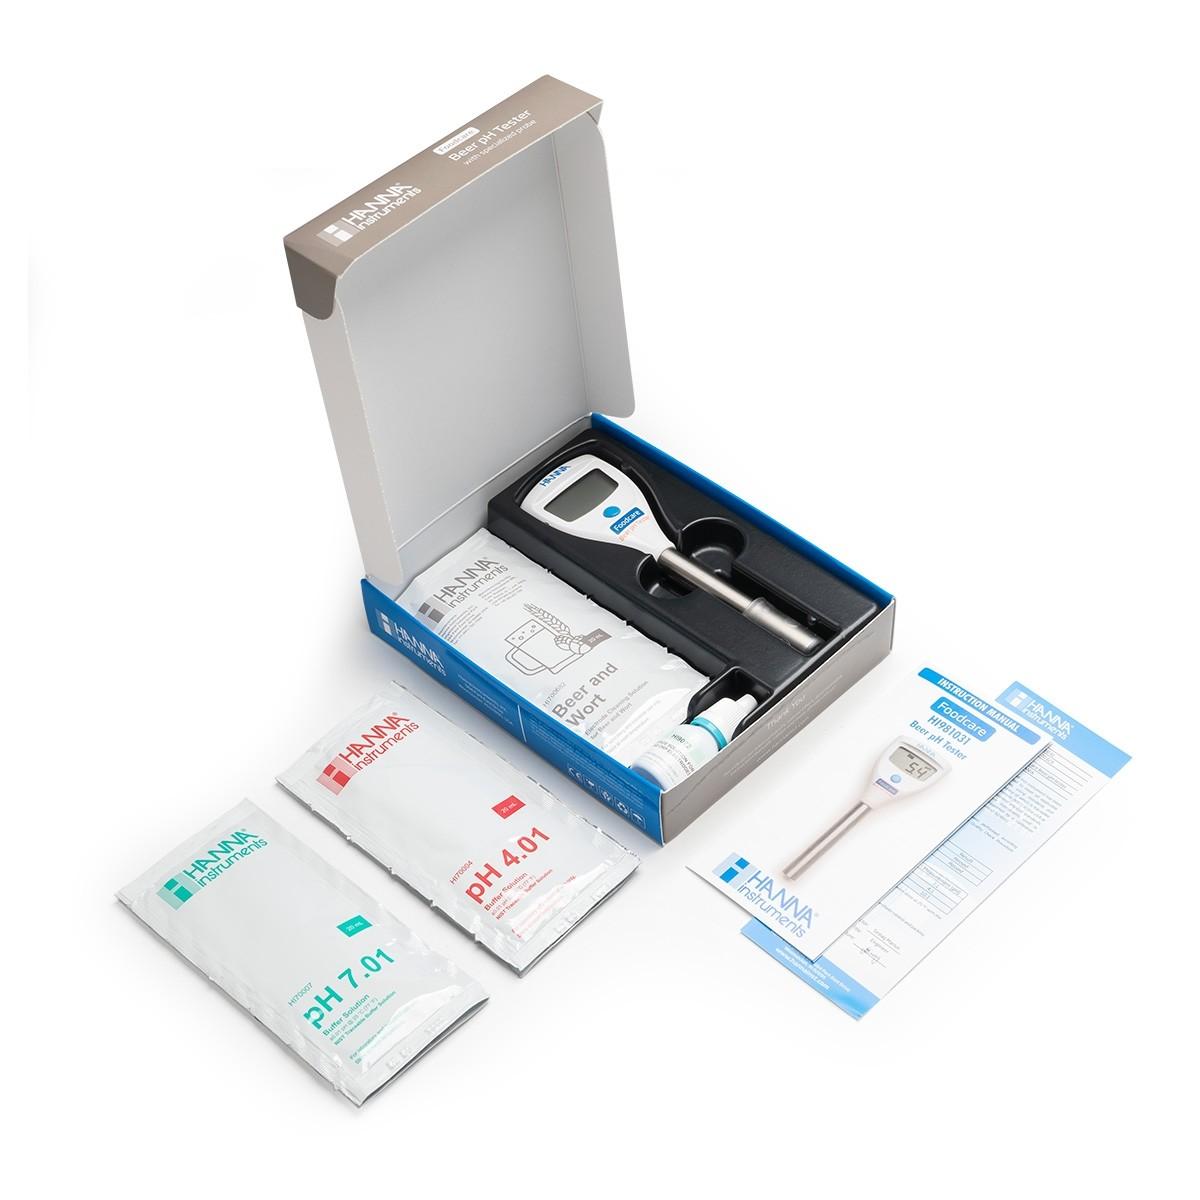 HI981031 beer pH meter box